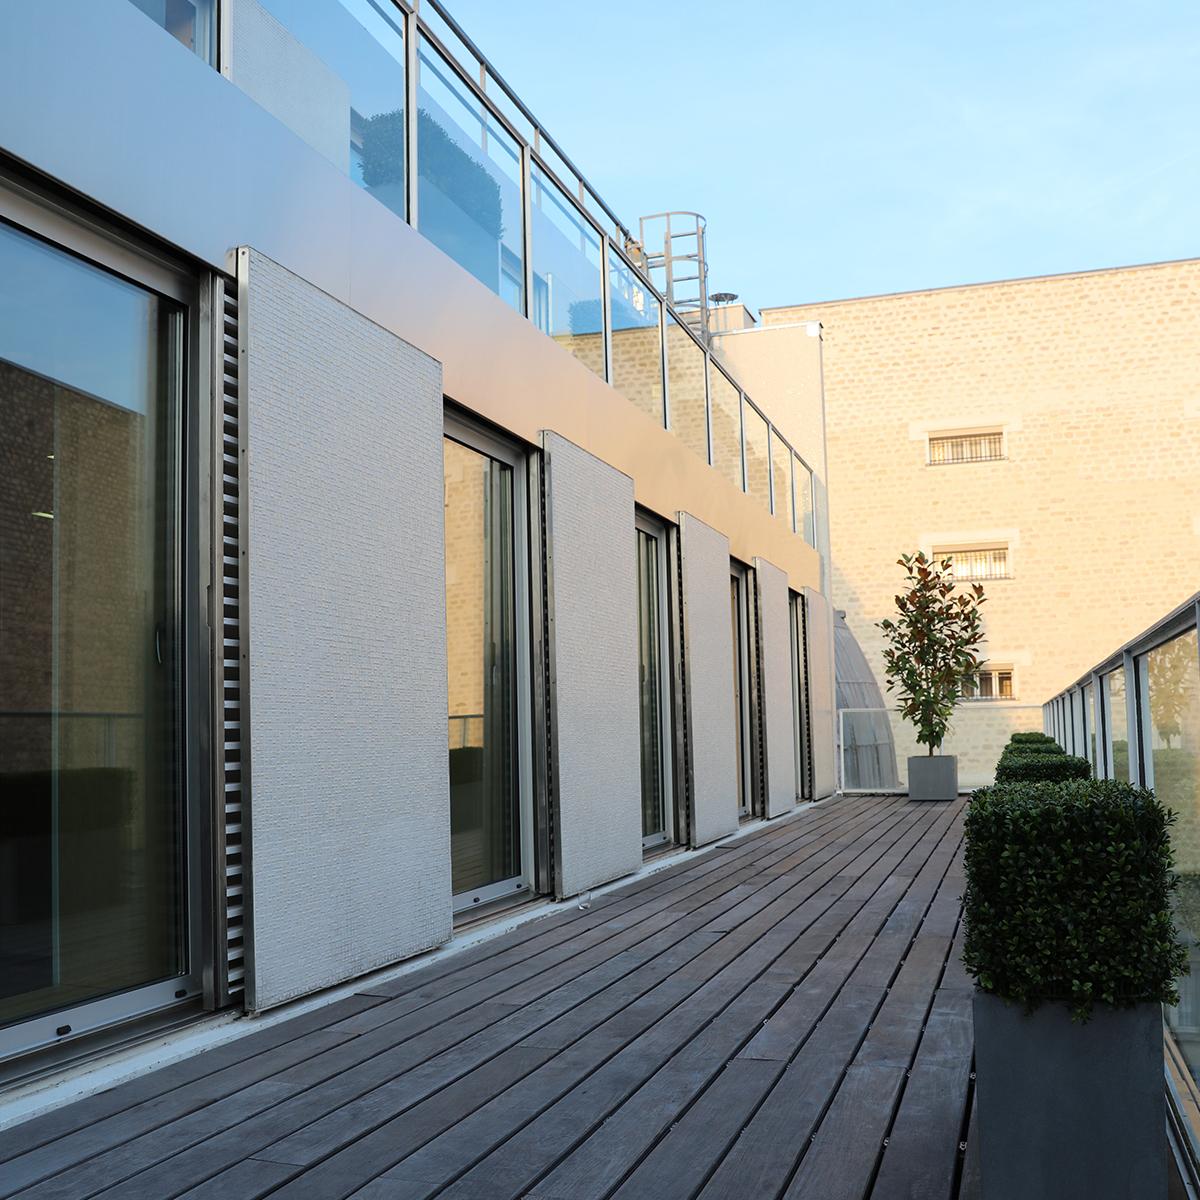 elan-edelman-bureaux-offices-agence-relations-publiques-publicite-paris-14